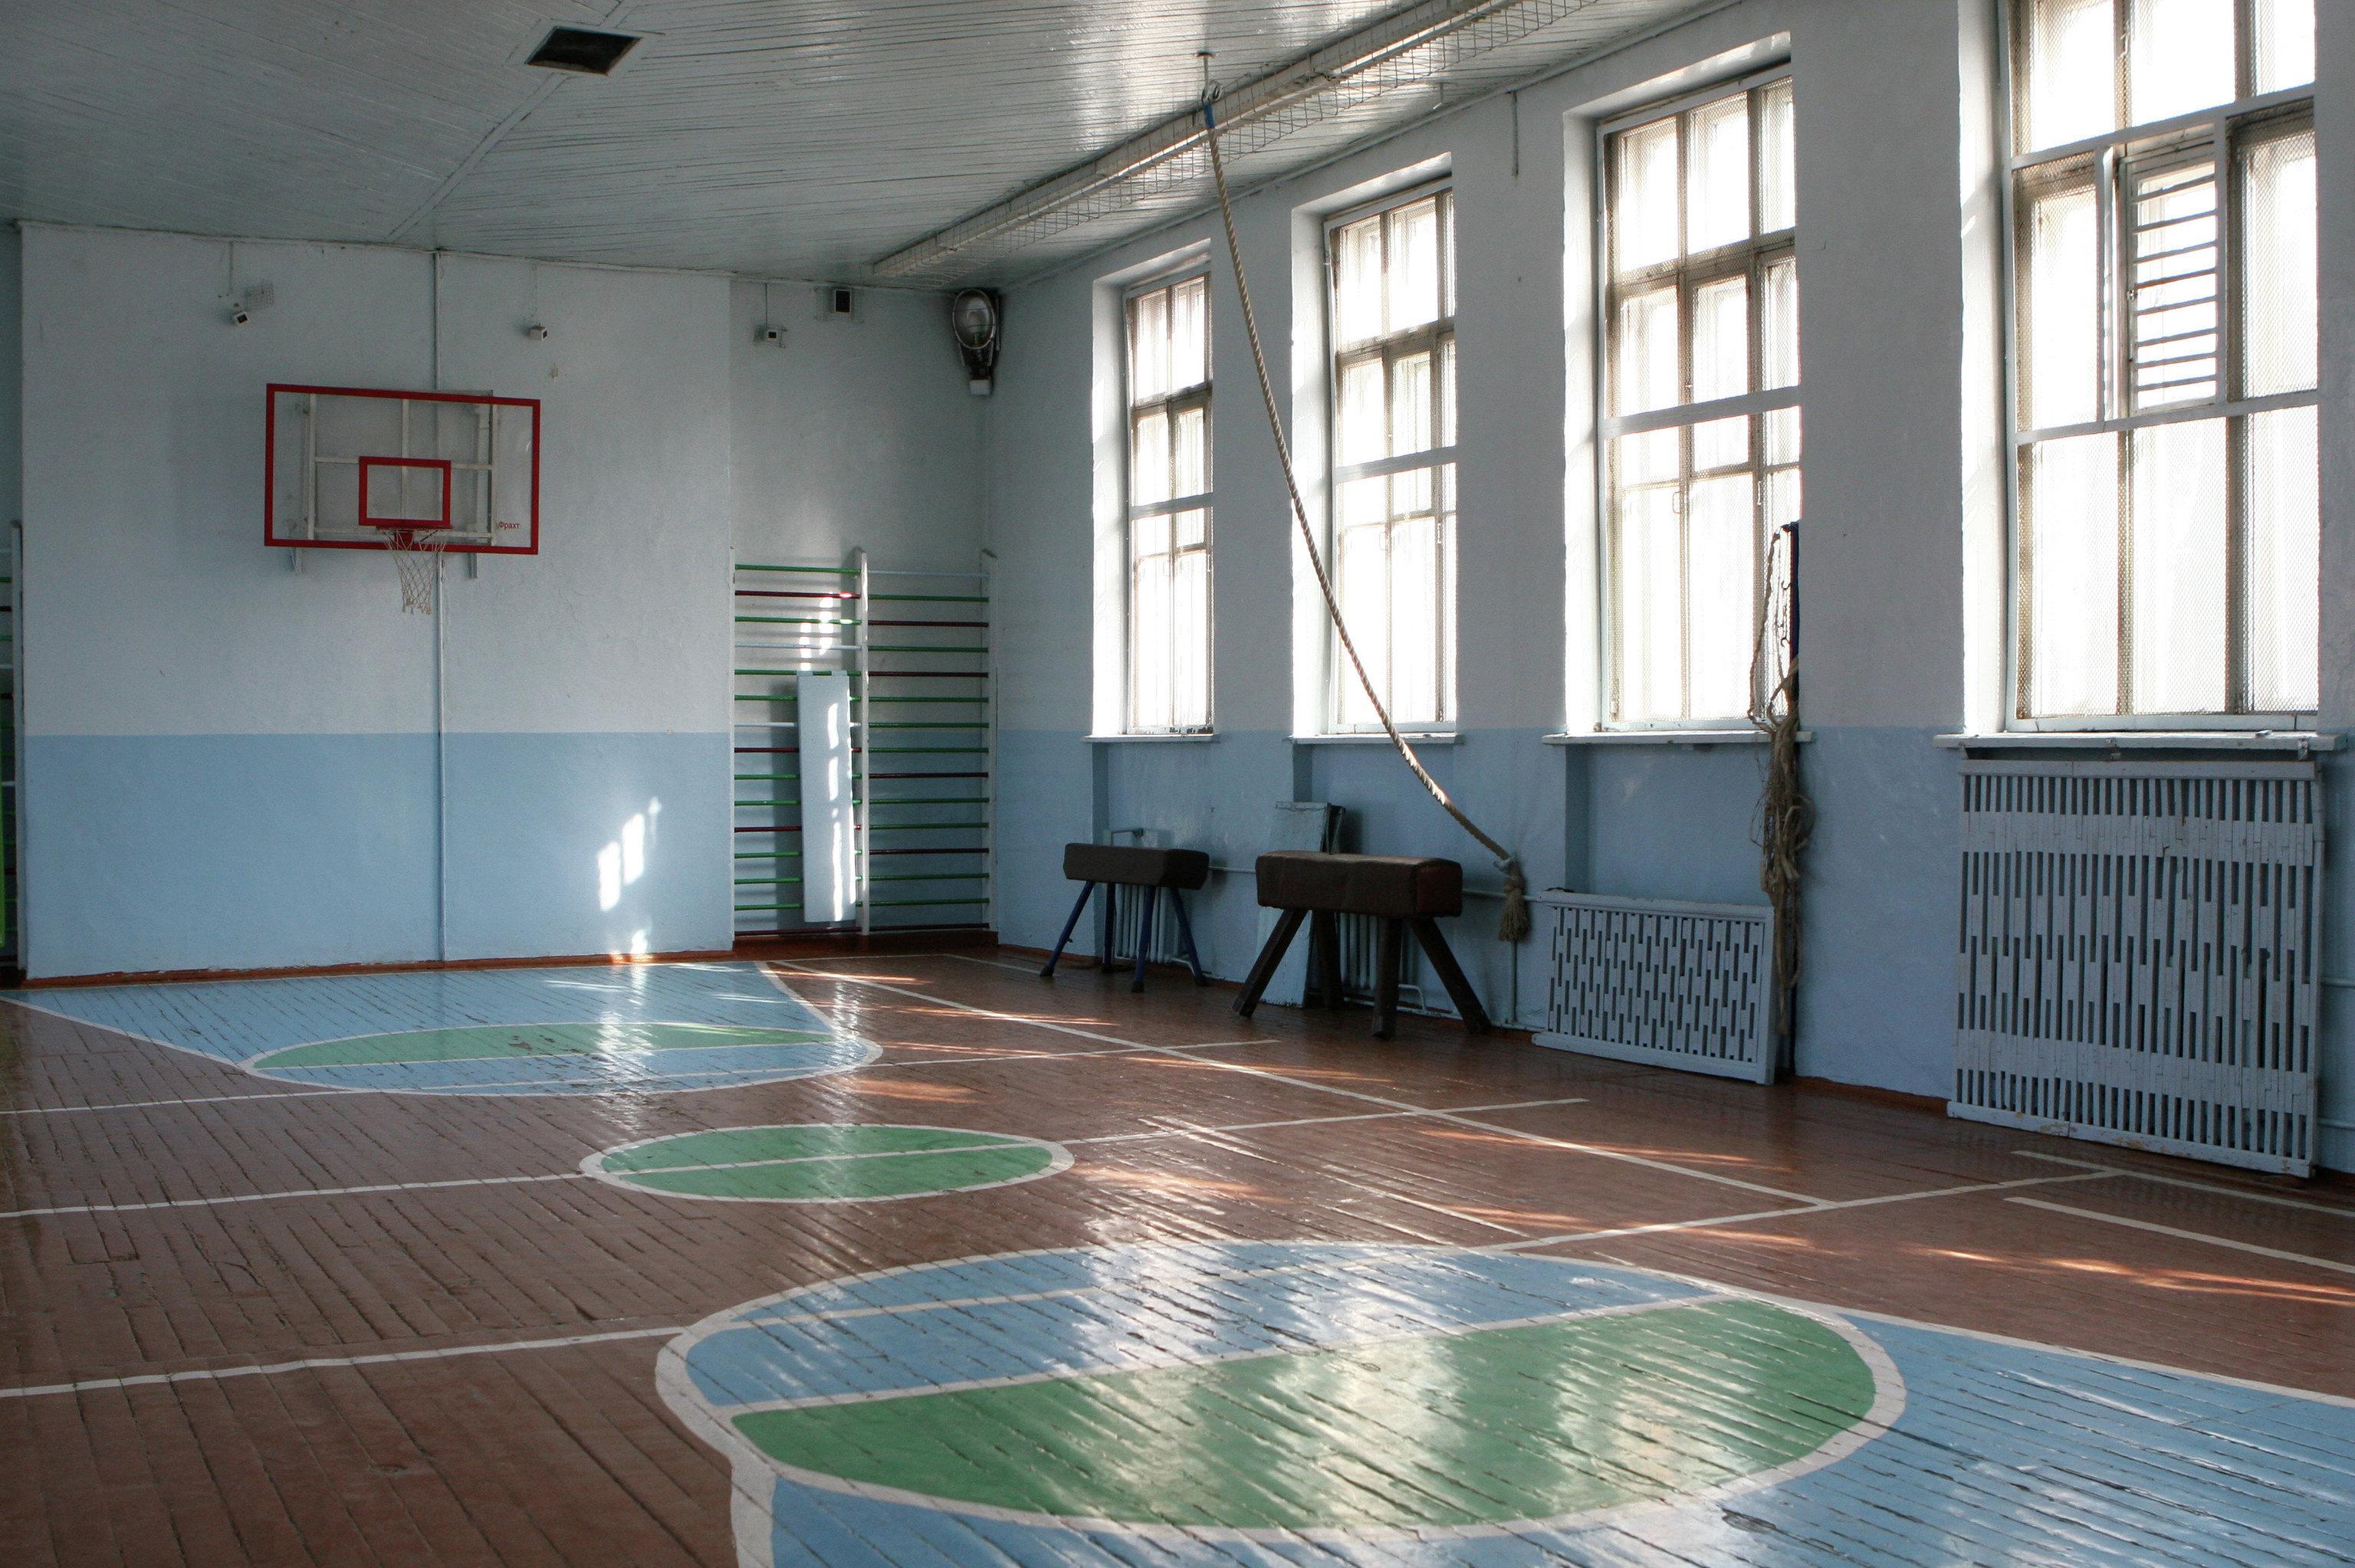 Побегать-попрыгать в спортивном зале тоже хорошо - но хотелось бы, чтобы при этом ребенок чему-то учился